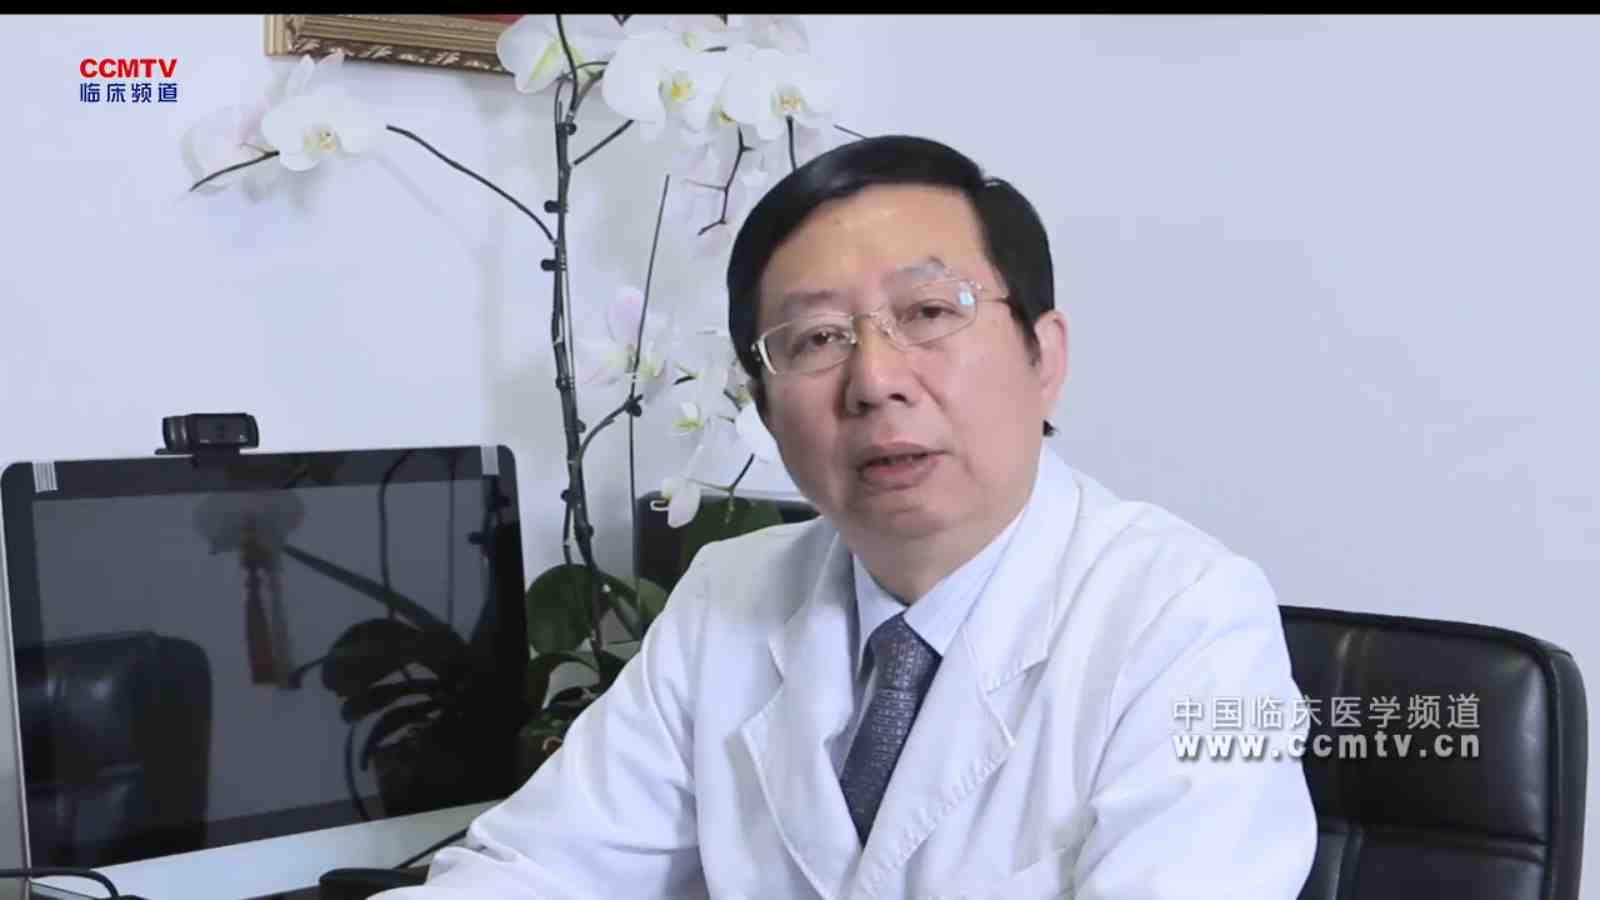 心血管疾病 诊疗策略 房颤 血栓 张澍:房颤与血栓的最新临床研究进展与国内应用现状